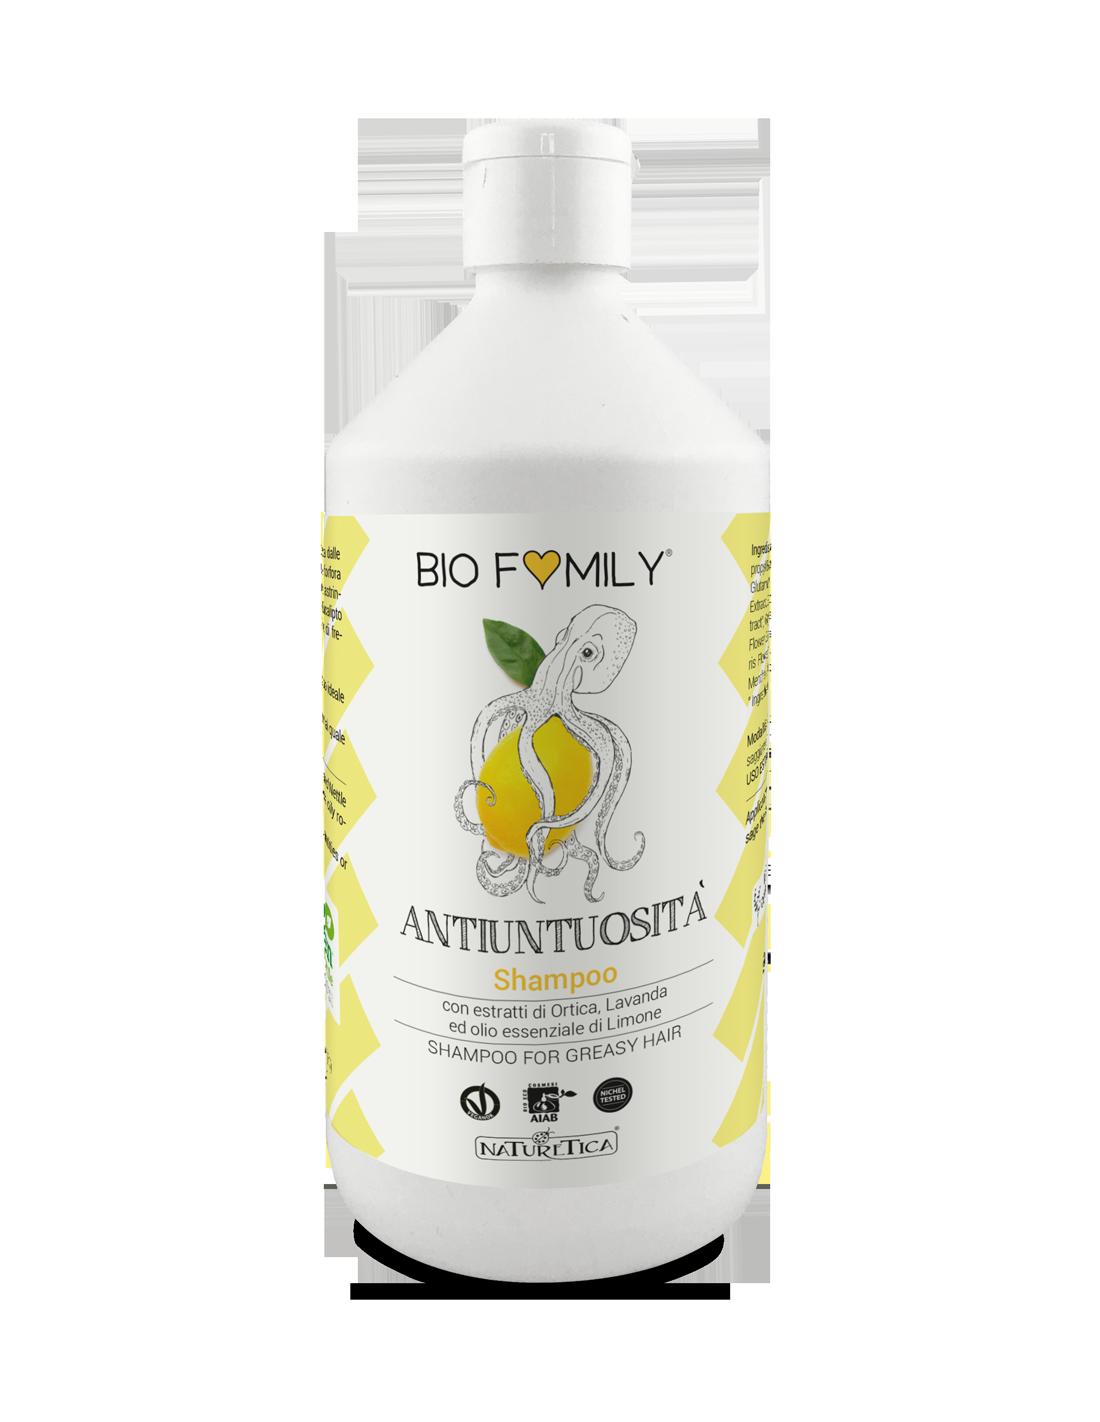 BioFamily Shampoo Anti-untuosità